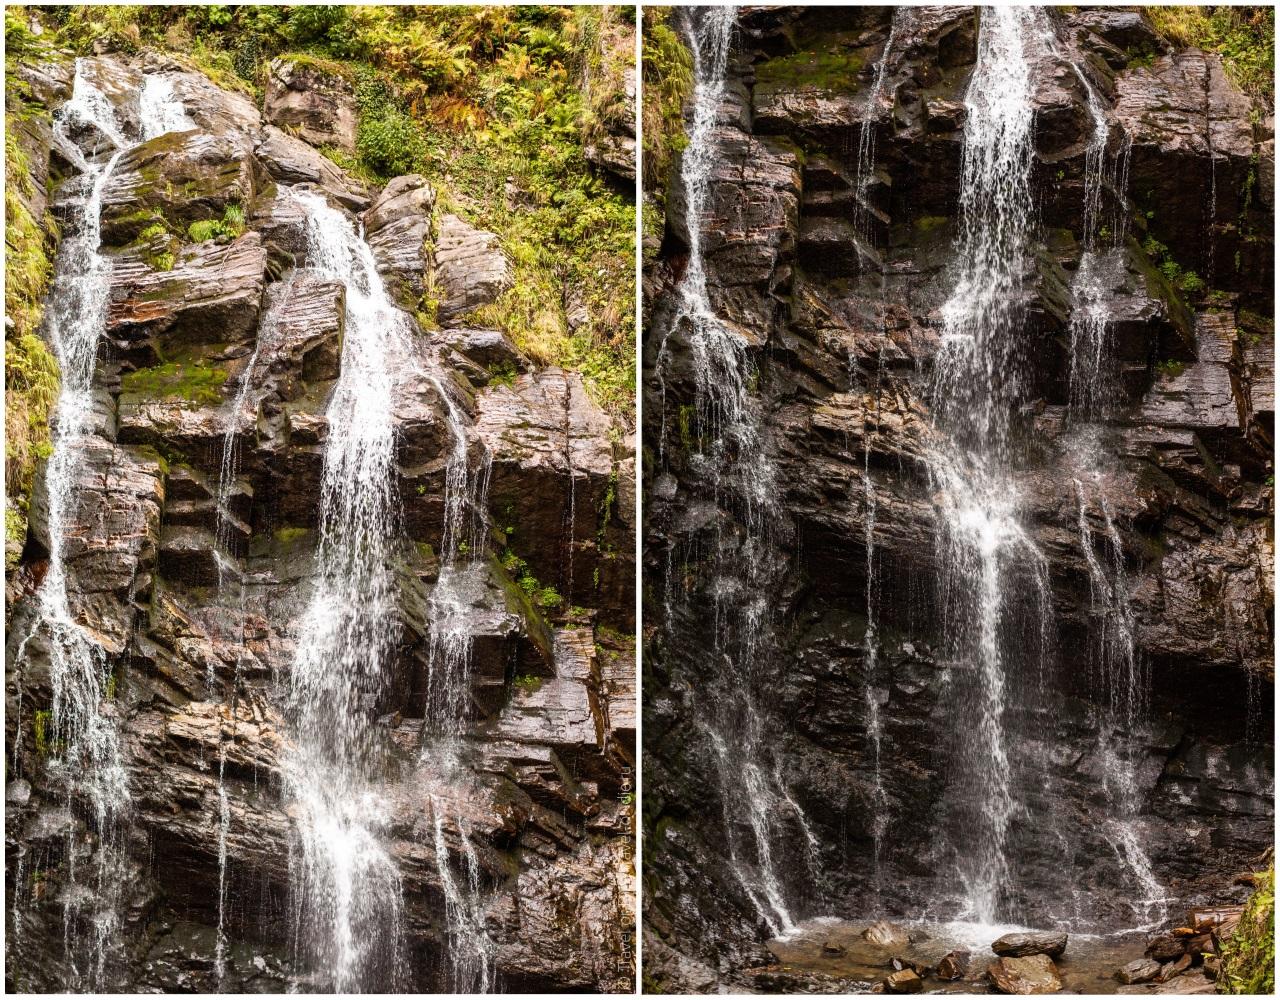 менделиха водопад червонный